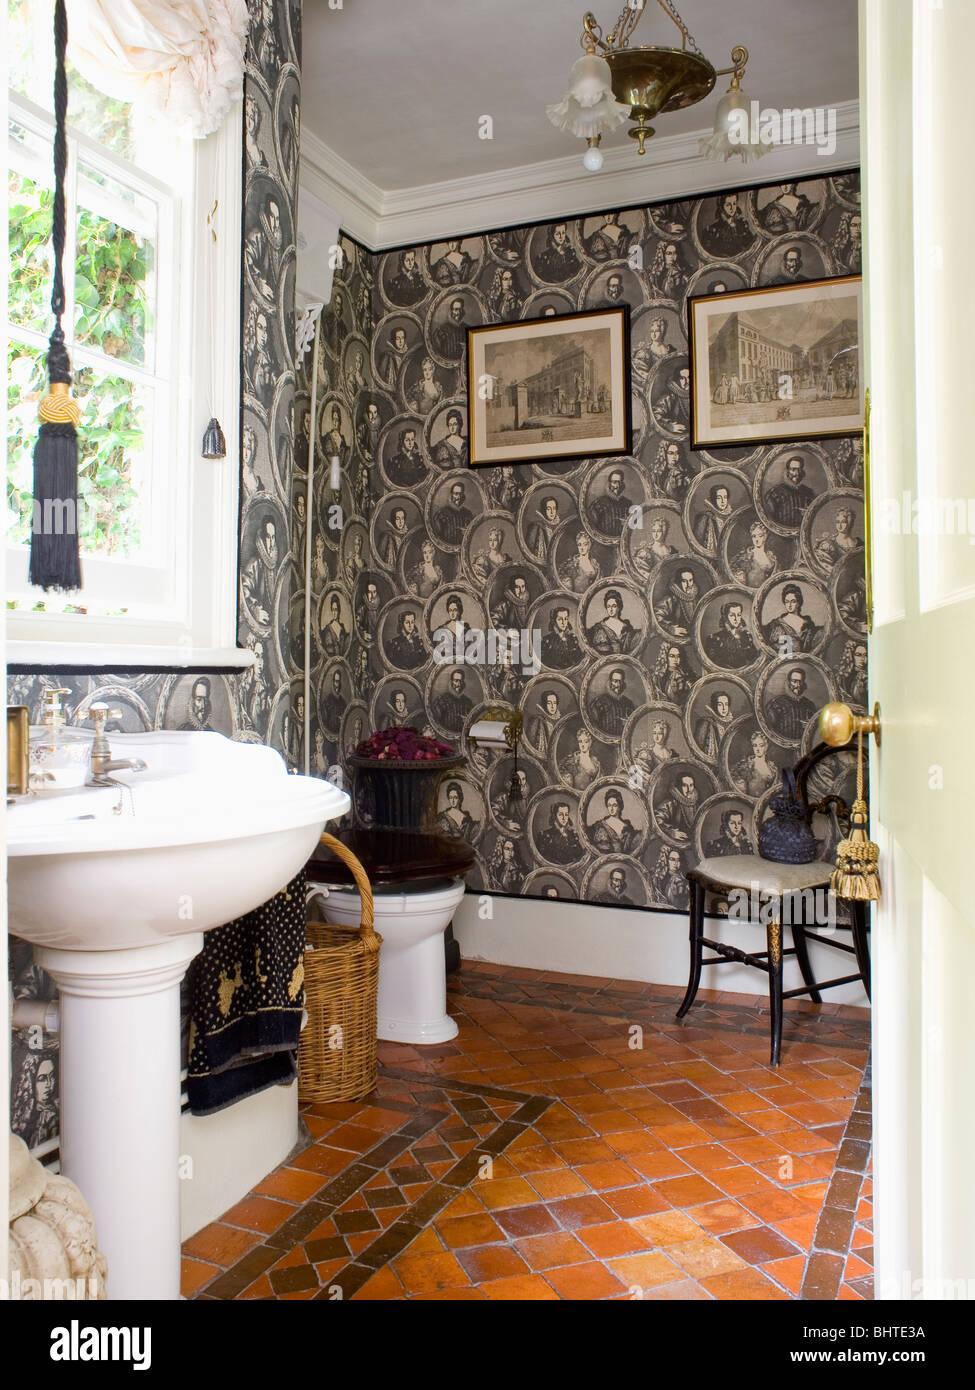 Schwarz + Weiß Figurative Tapete In Traditionellen Badezimmer Mit  Steinbruch Gefliesten Boden Und Weißen Sockel Becken